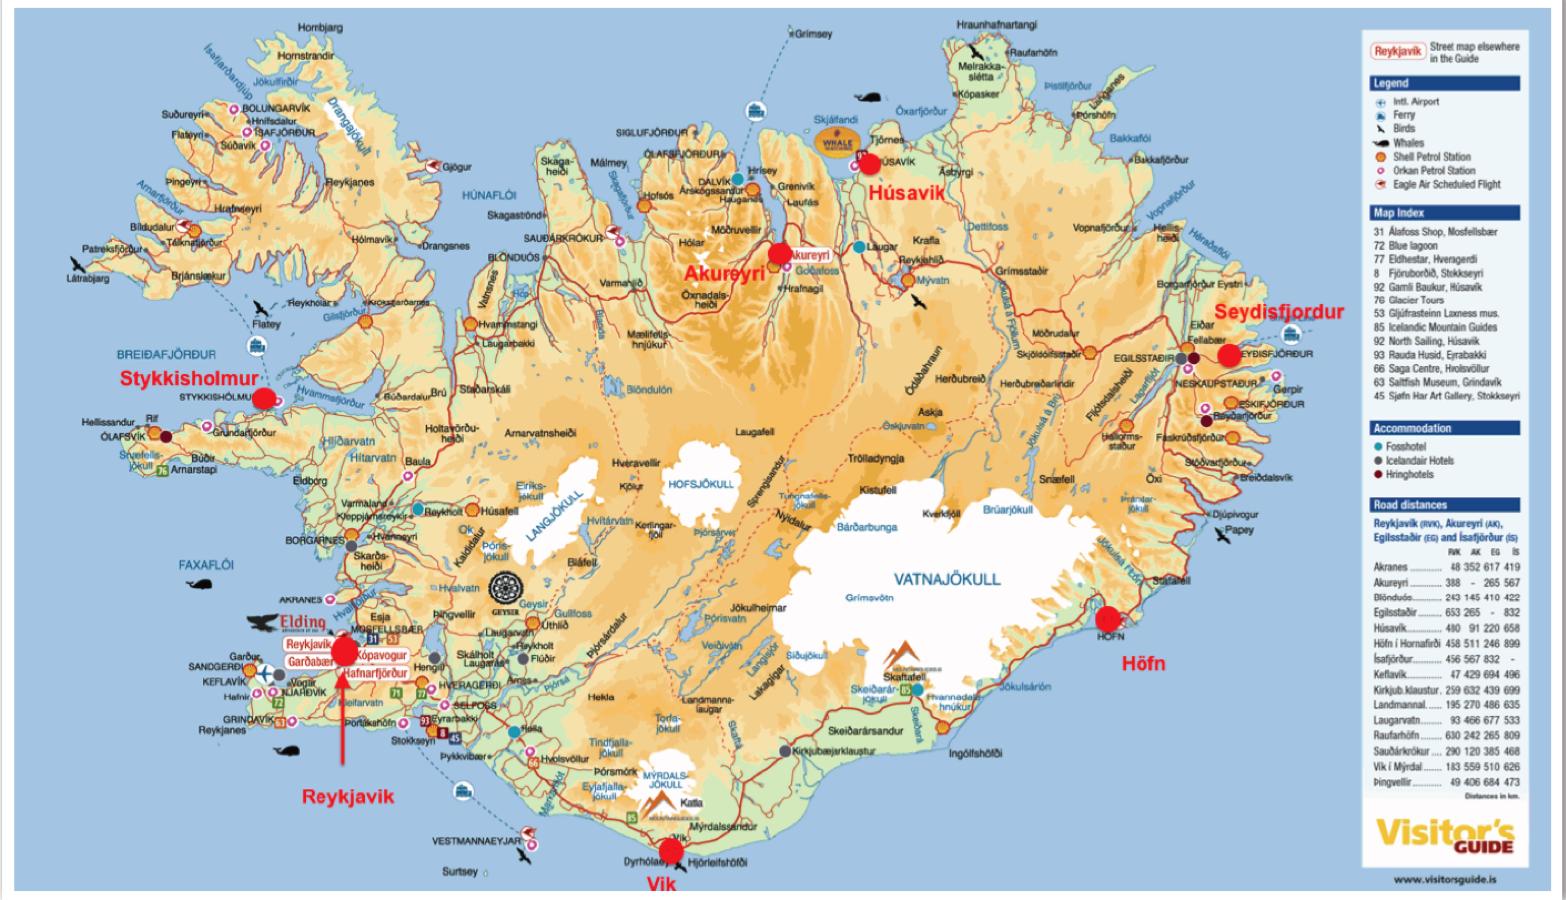 Reykjavik Map Google Search ICELAND Pinterest Reykjavik - Reykjavík map